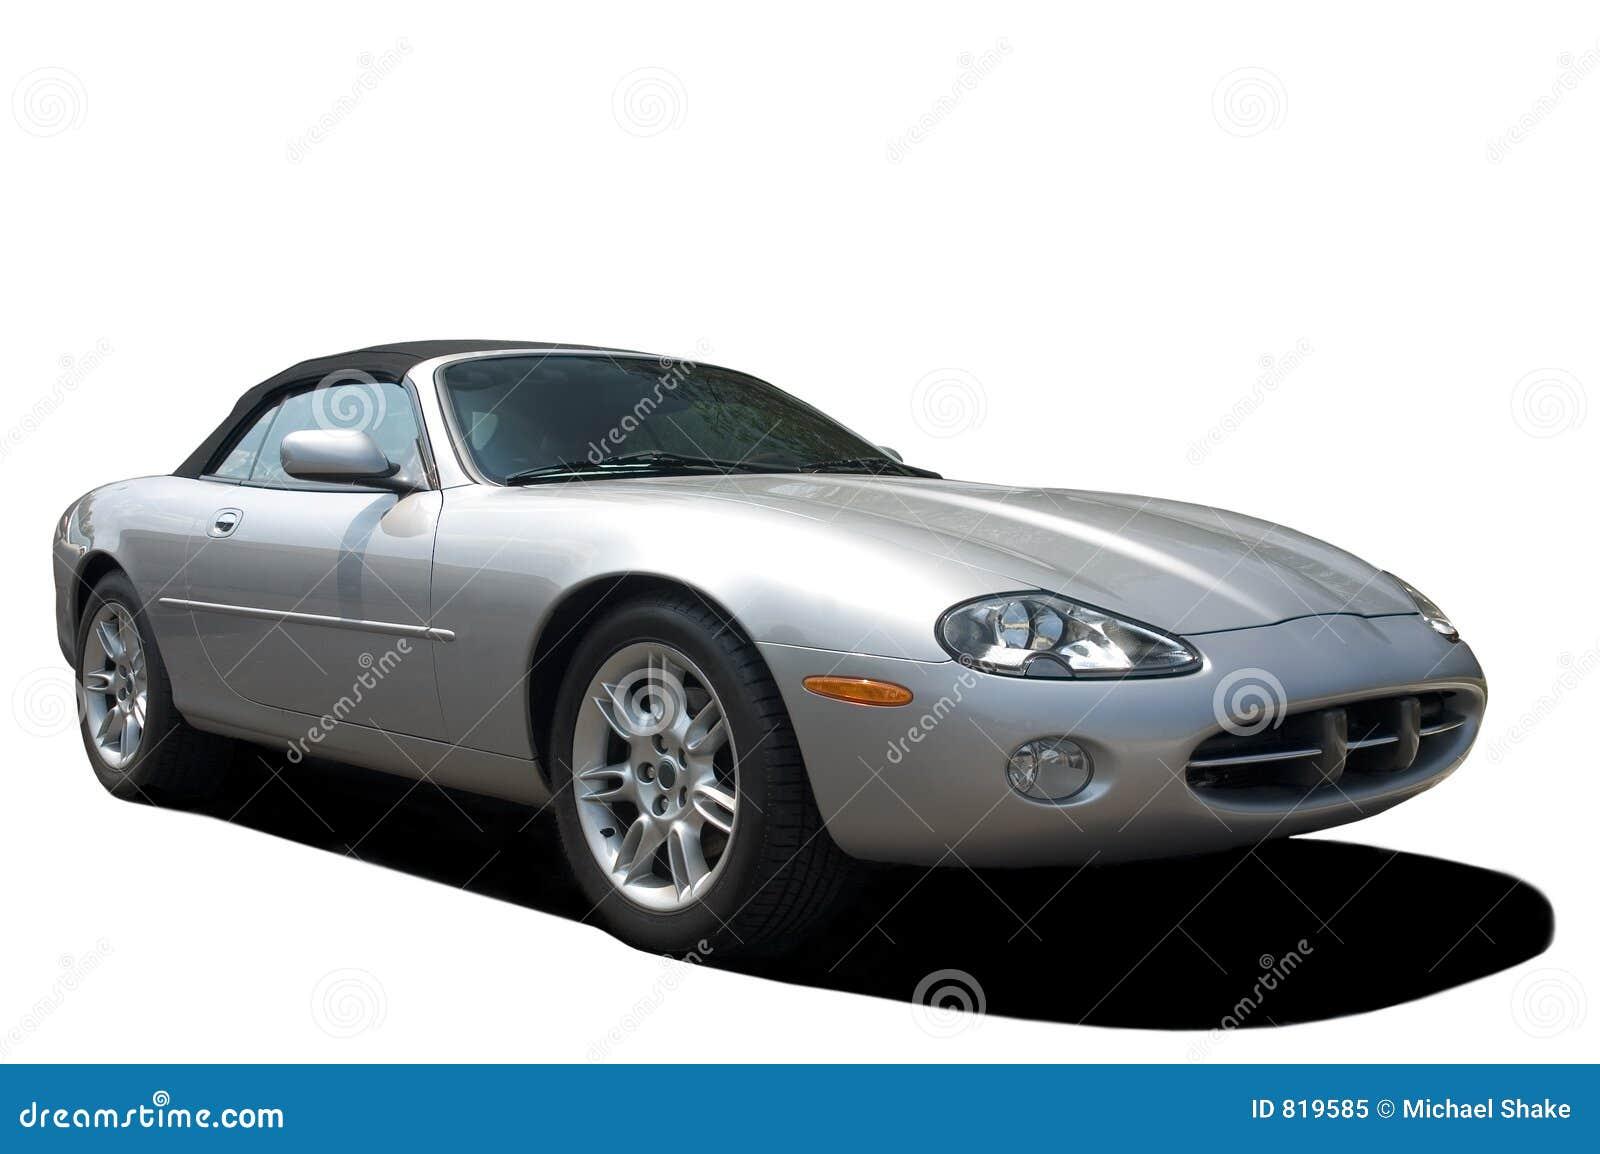 Voiture de sport de luxe image stock image du roues - Image de voiture de sport ...